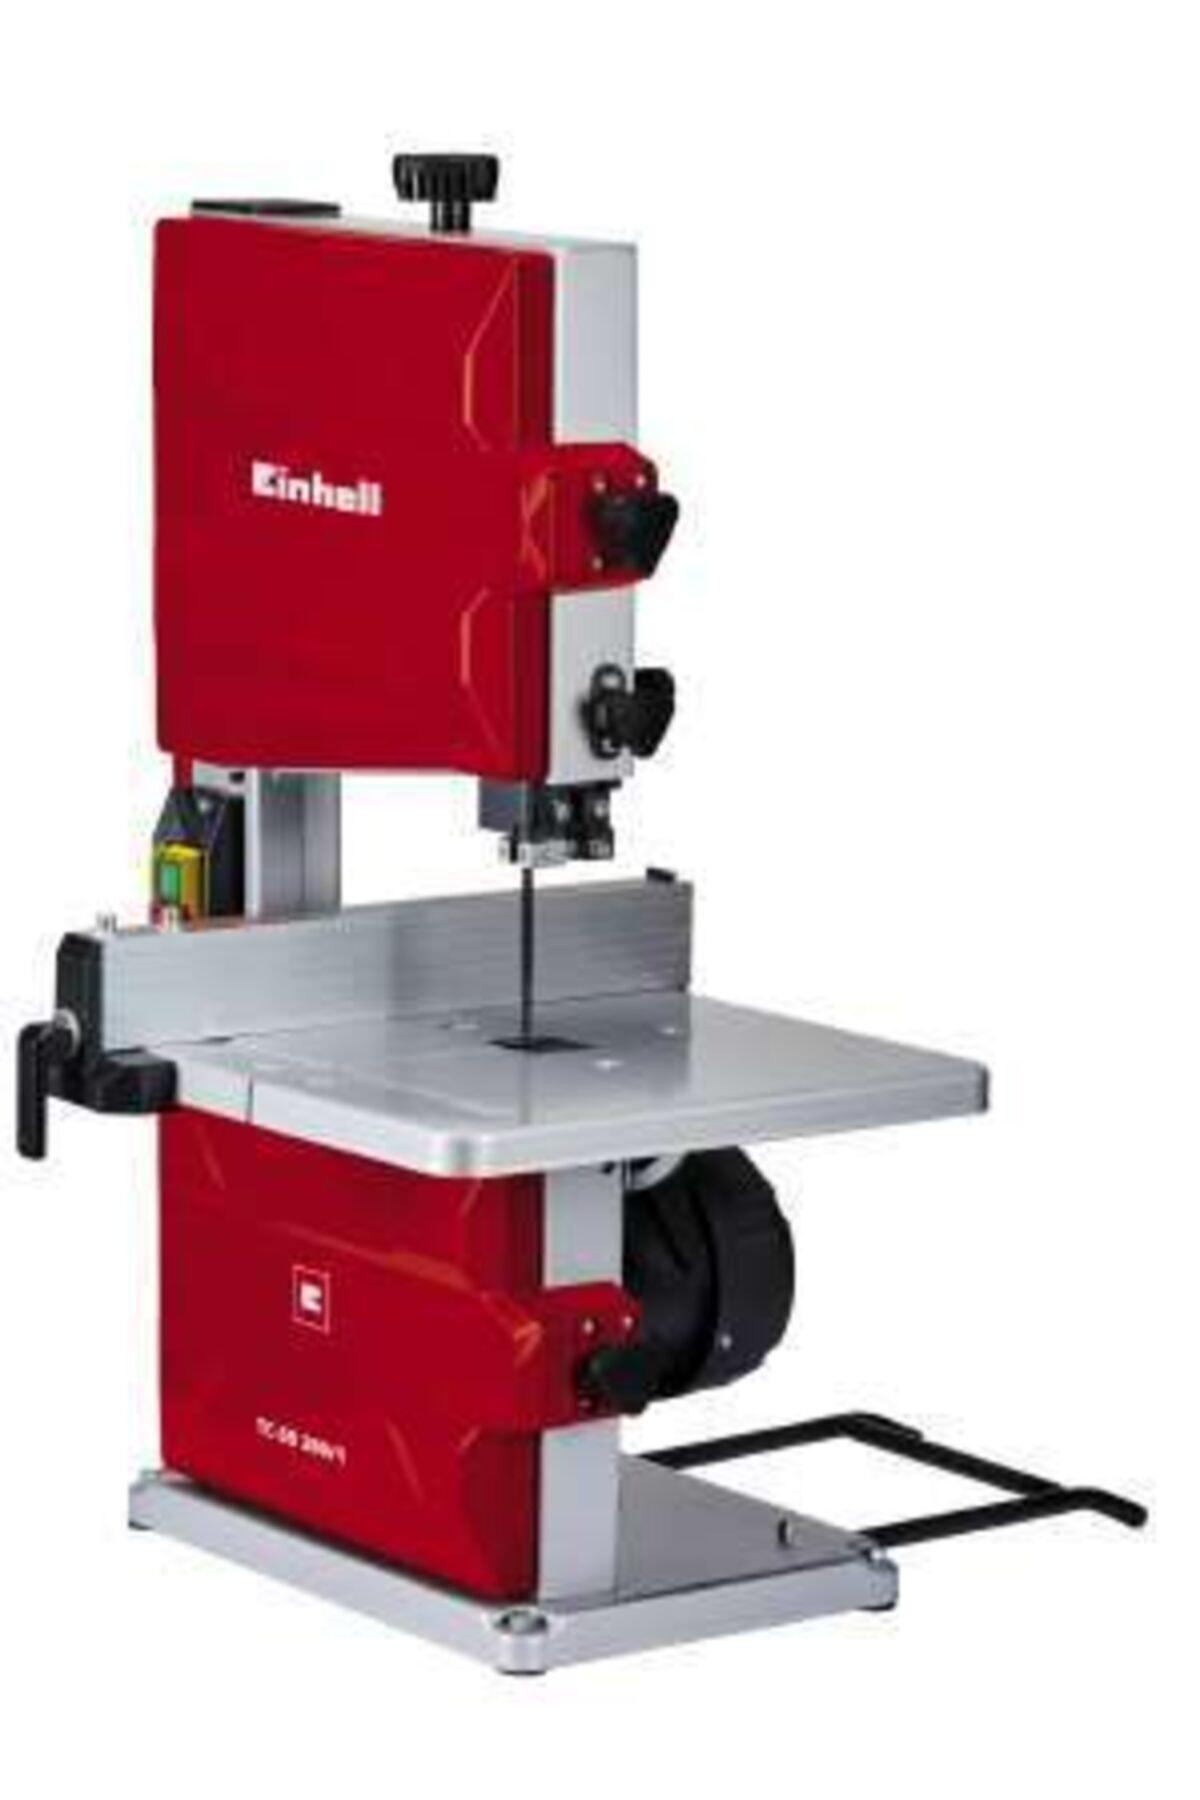 Einhell Tc-sb 200/1 Şerit Testere 1